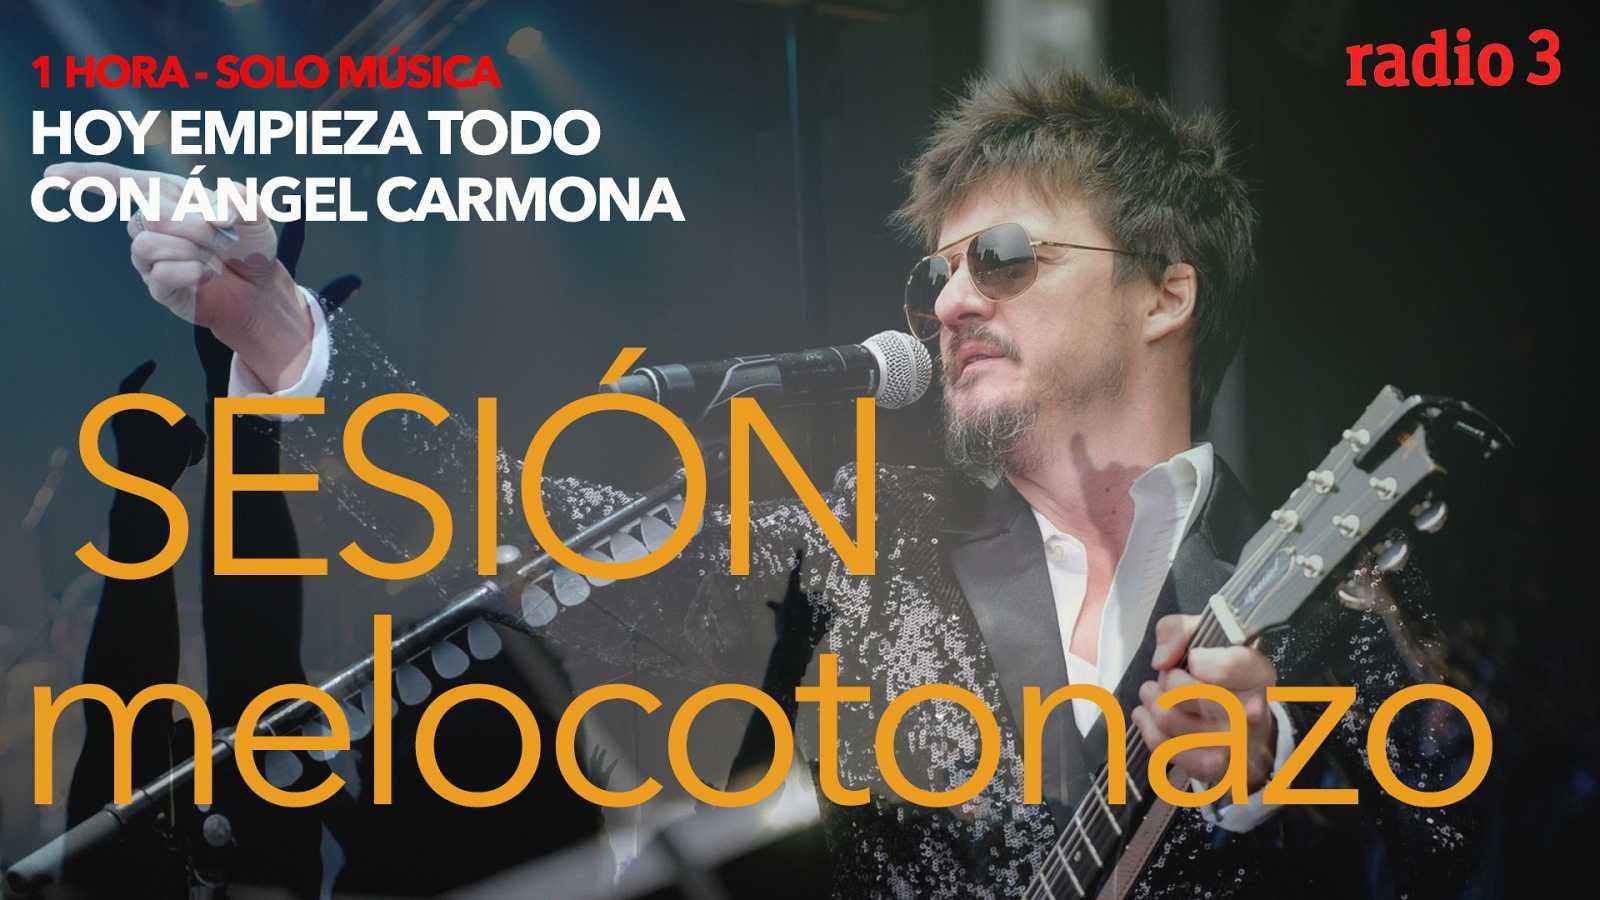 Hoy empieza todo con Ángel Carmona - #SesiónMelocotonazo: Saint Etienne, Coque Malla, Damien Jurado... - 12/04/21 - escuchar ahora